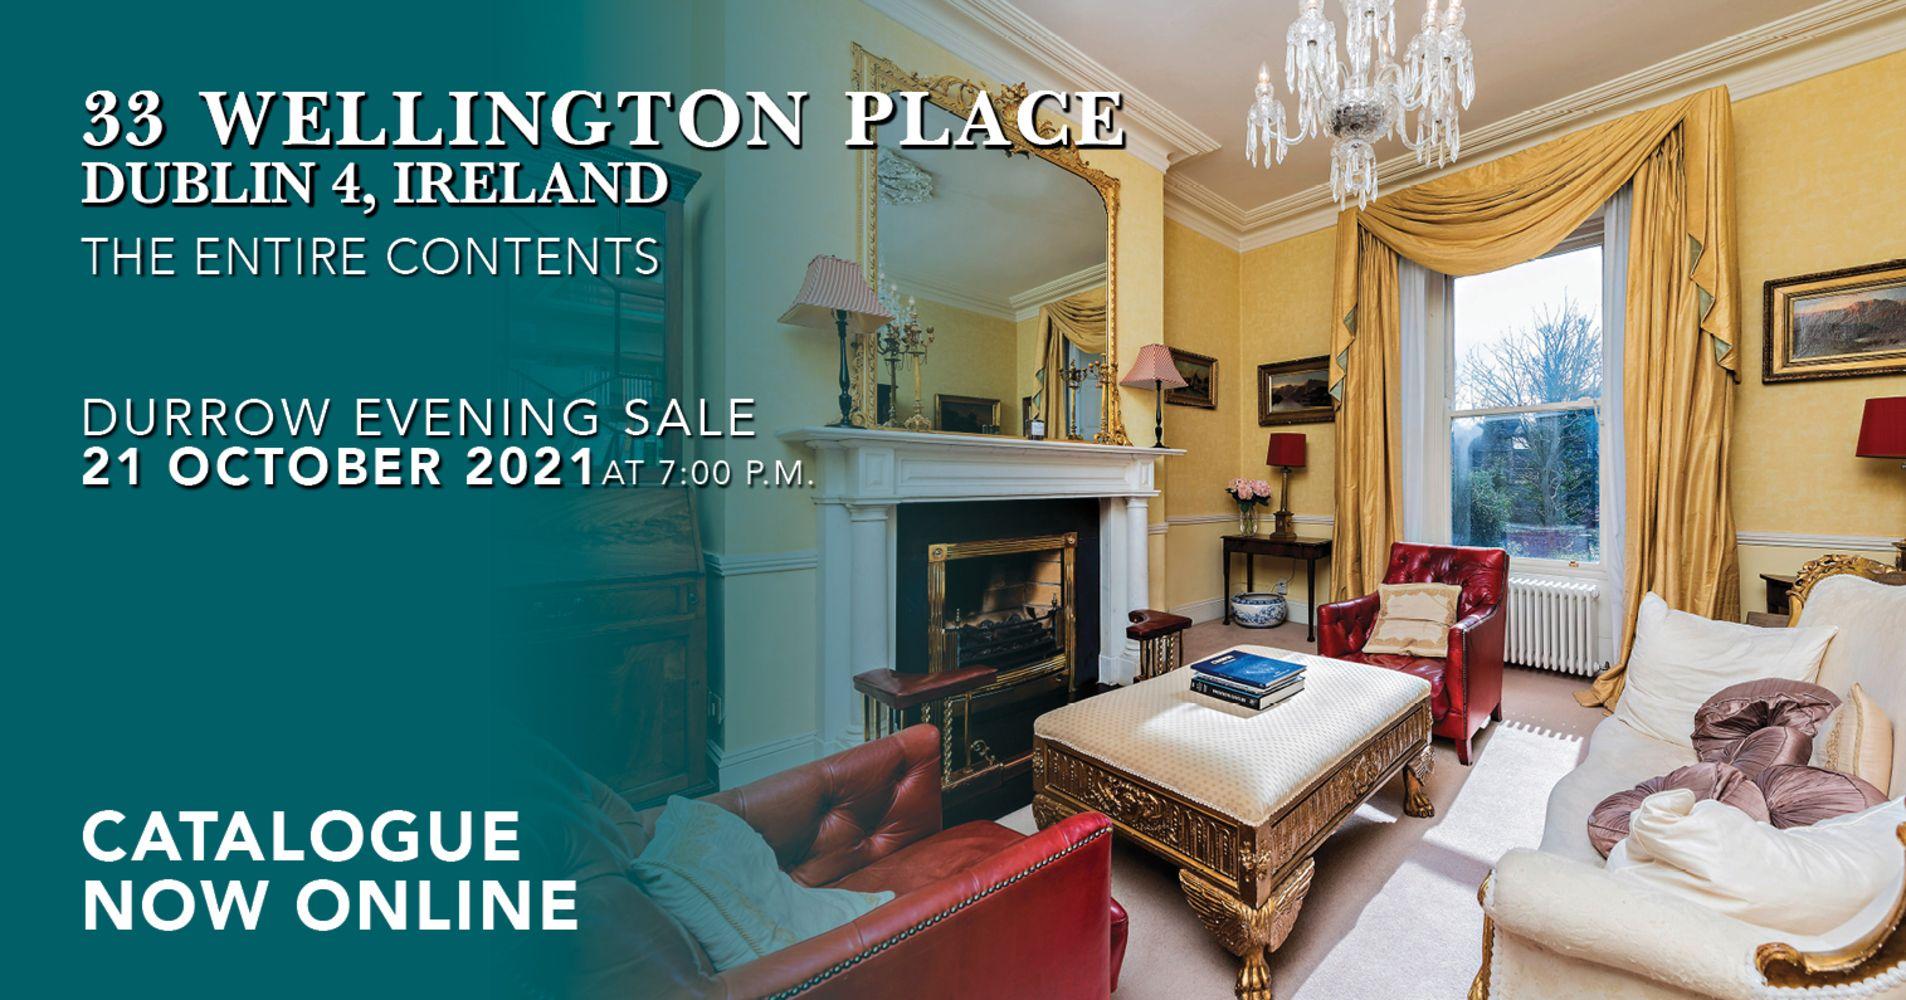 33 WELLINGTON PLACE,  DUBLIN 4, IRELAND